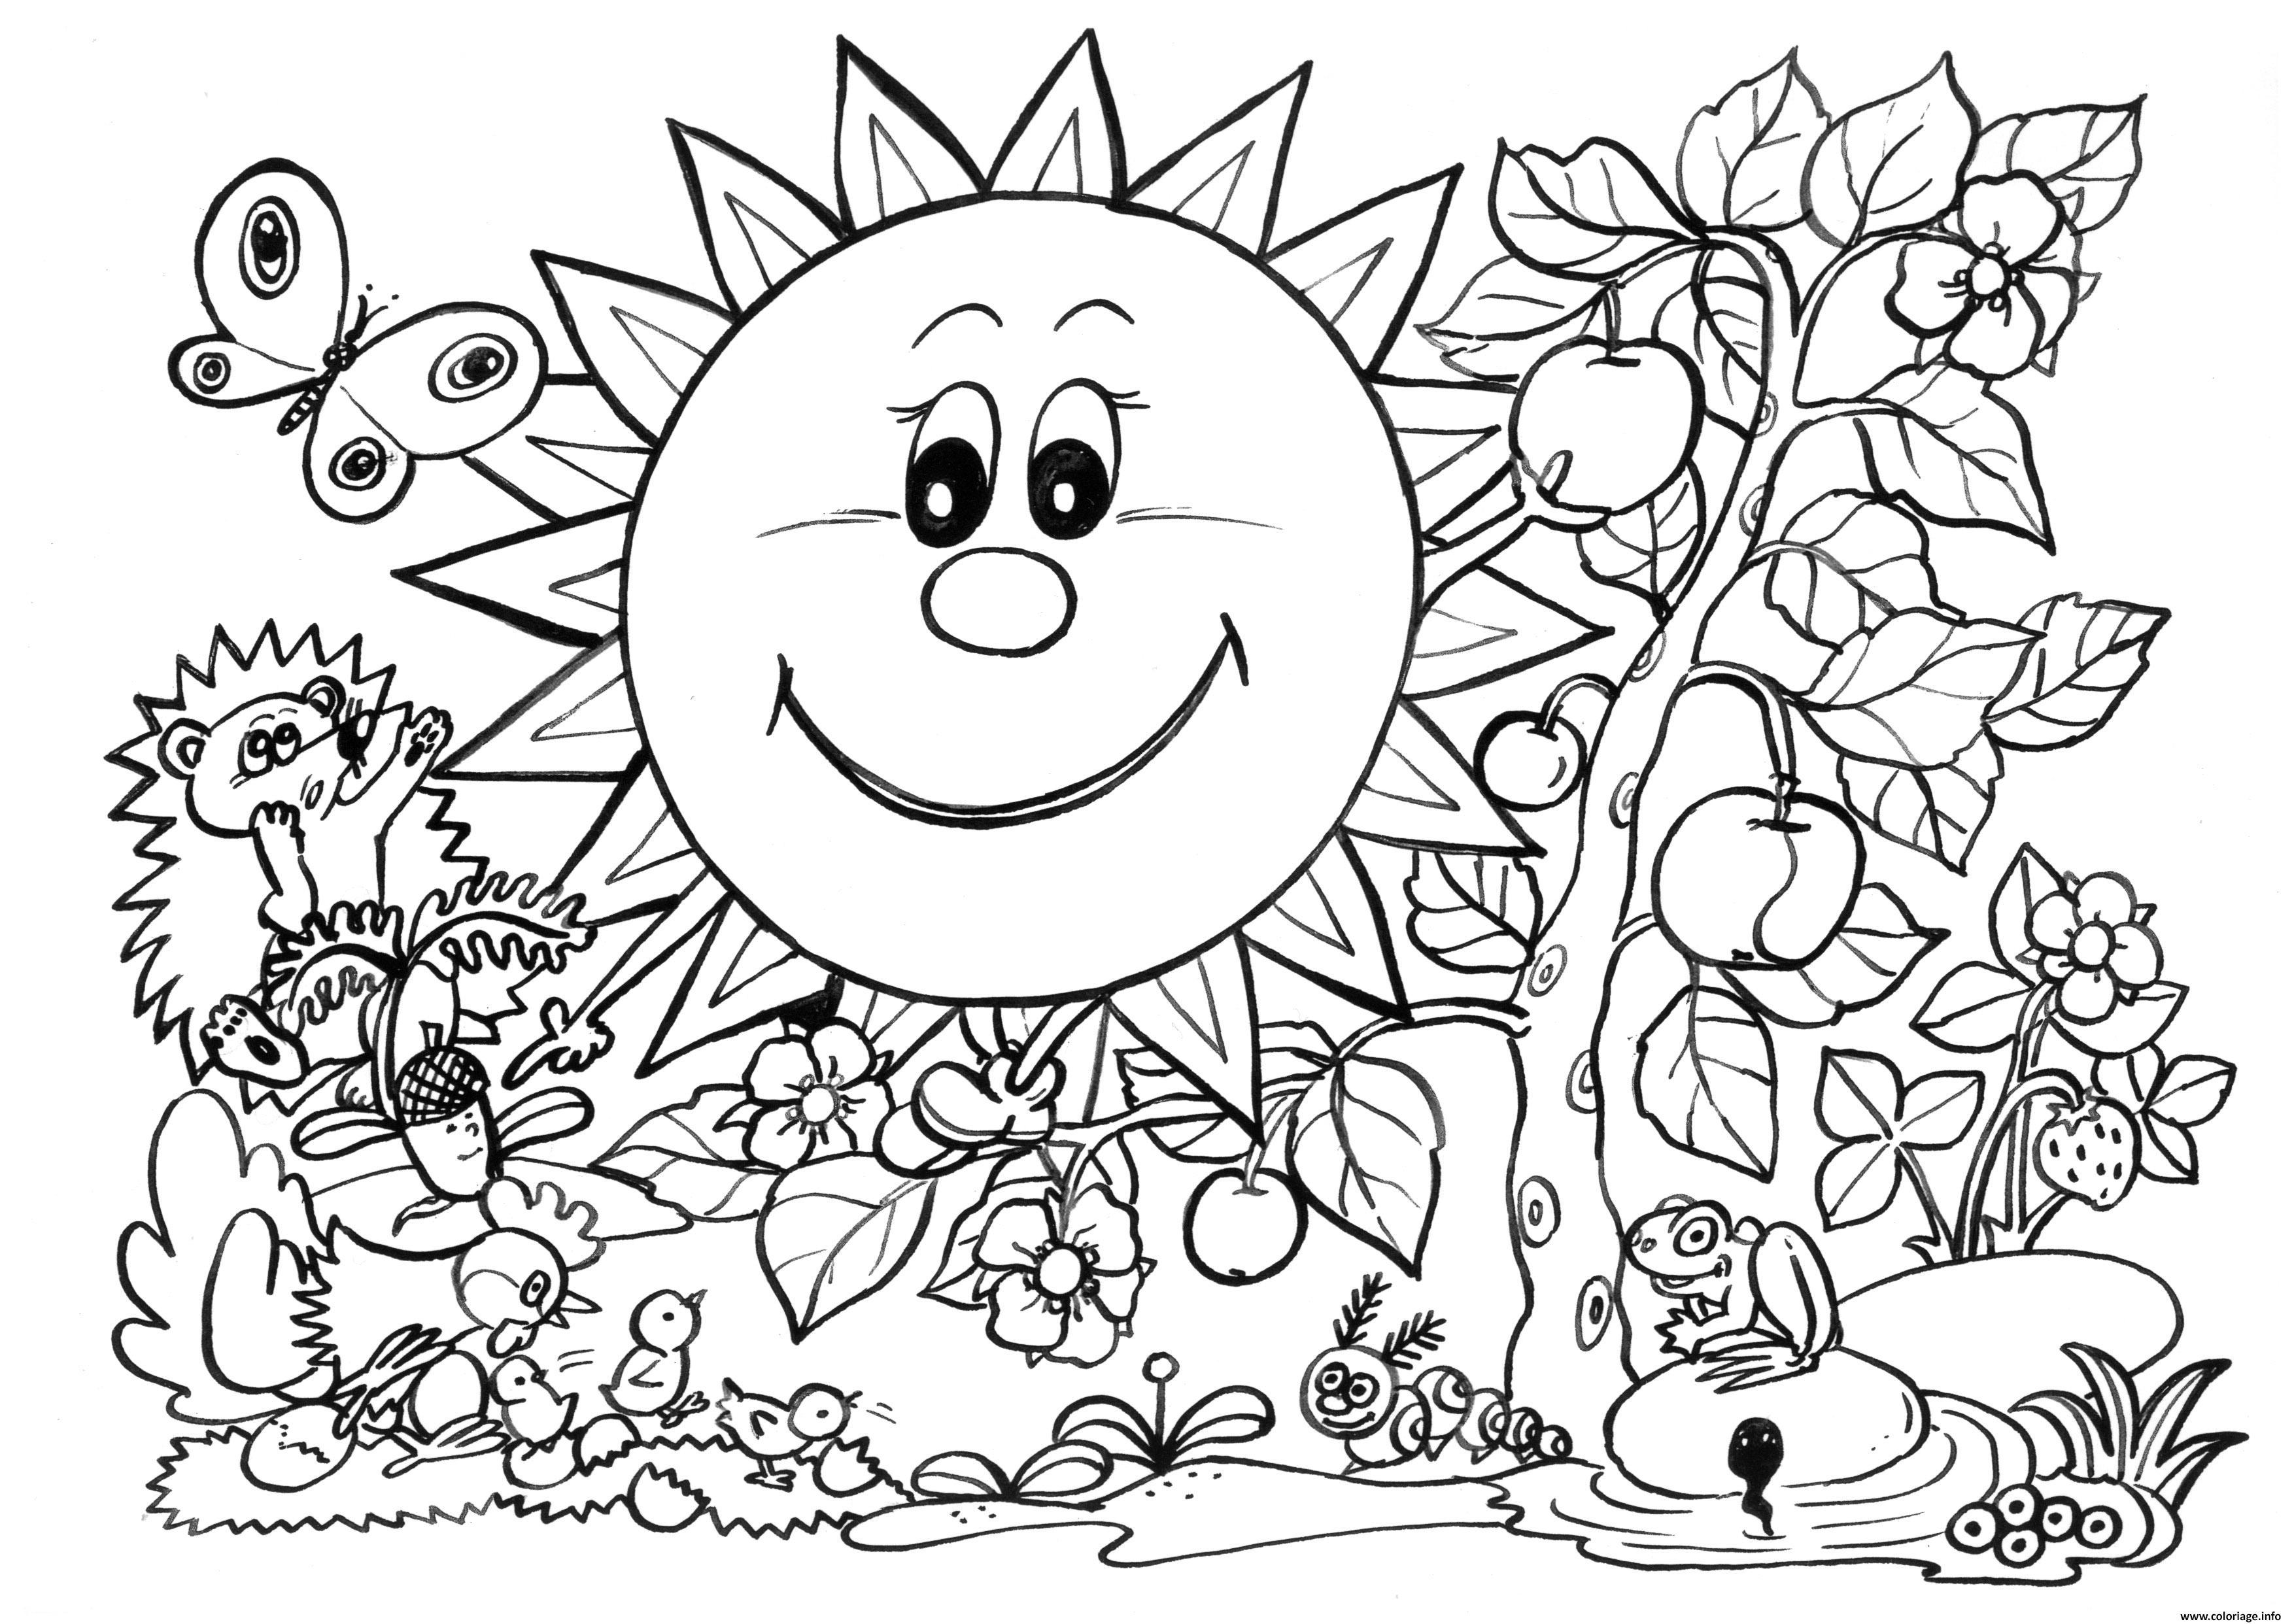 Coloriage Paysage Printemps Gratuit.Coloriage Paysage Nature Printemps Enfants Dessin